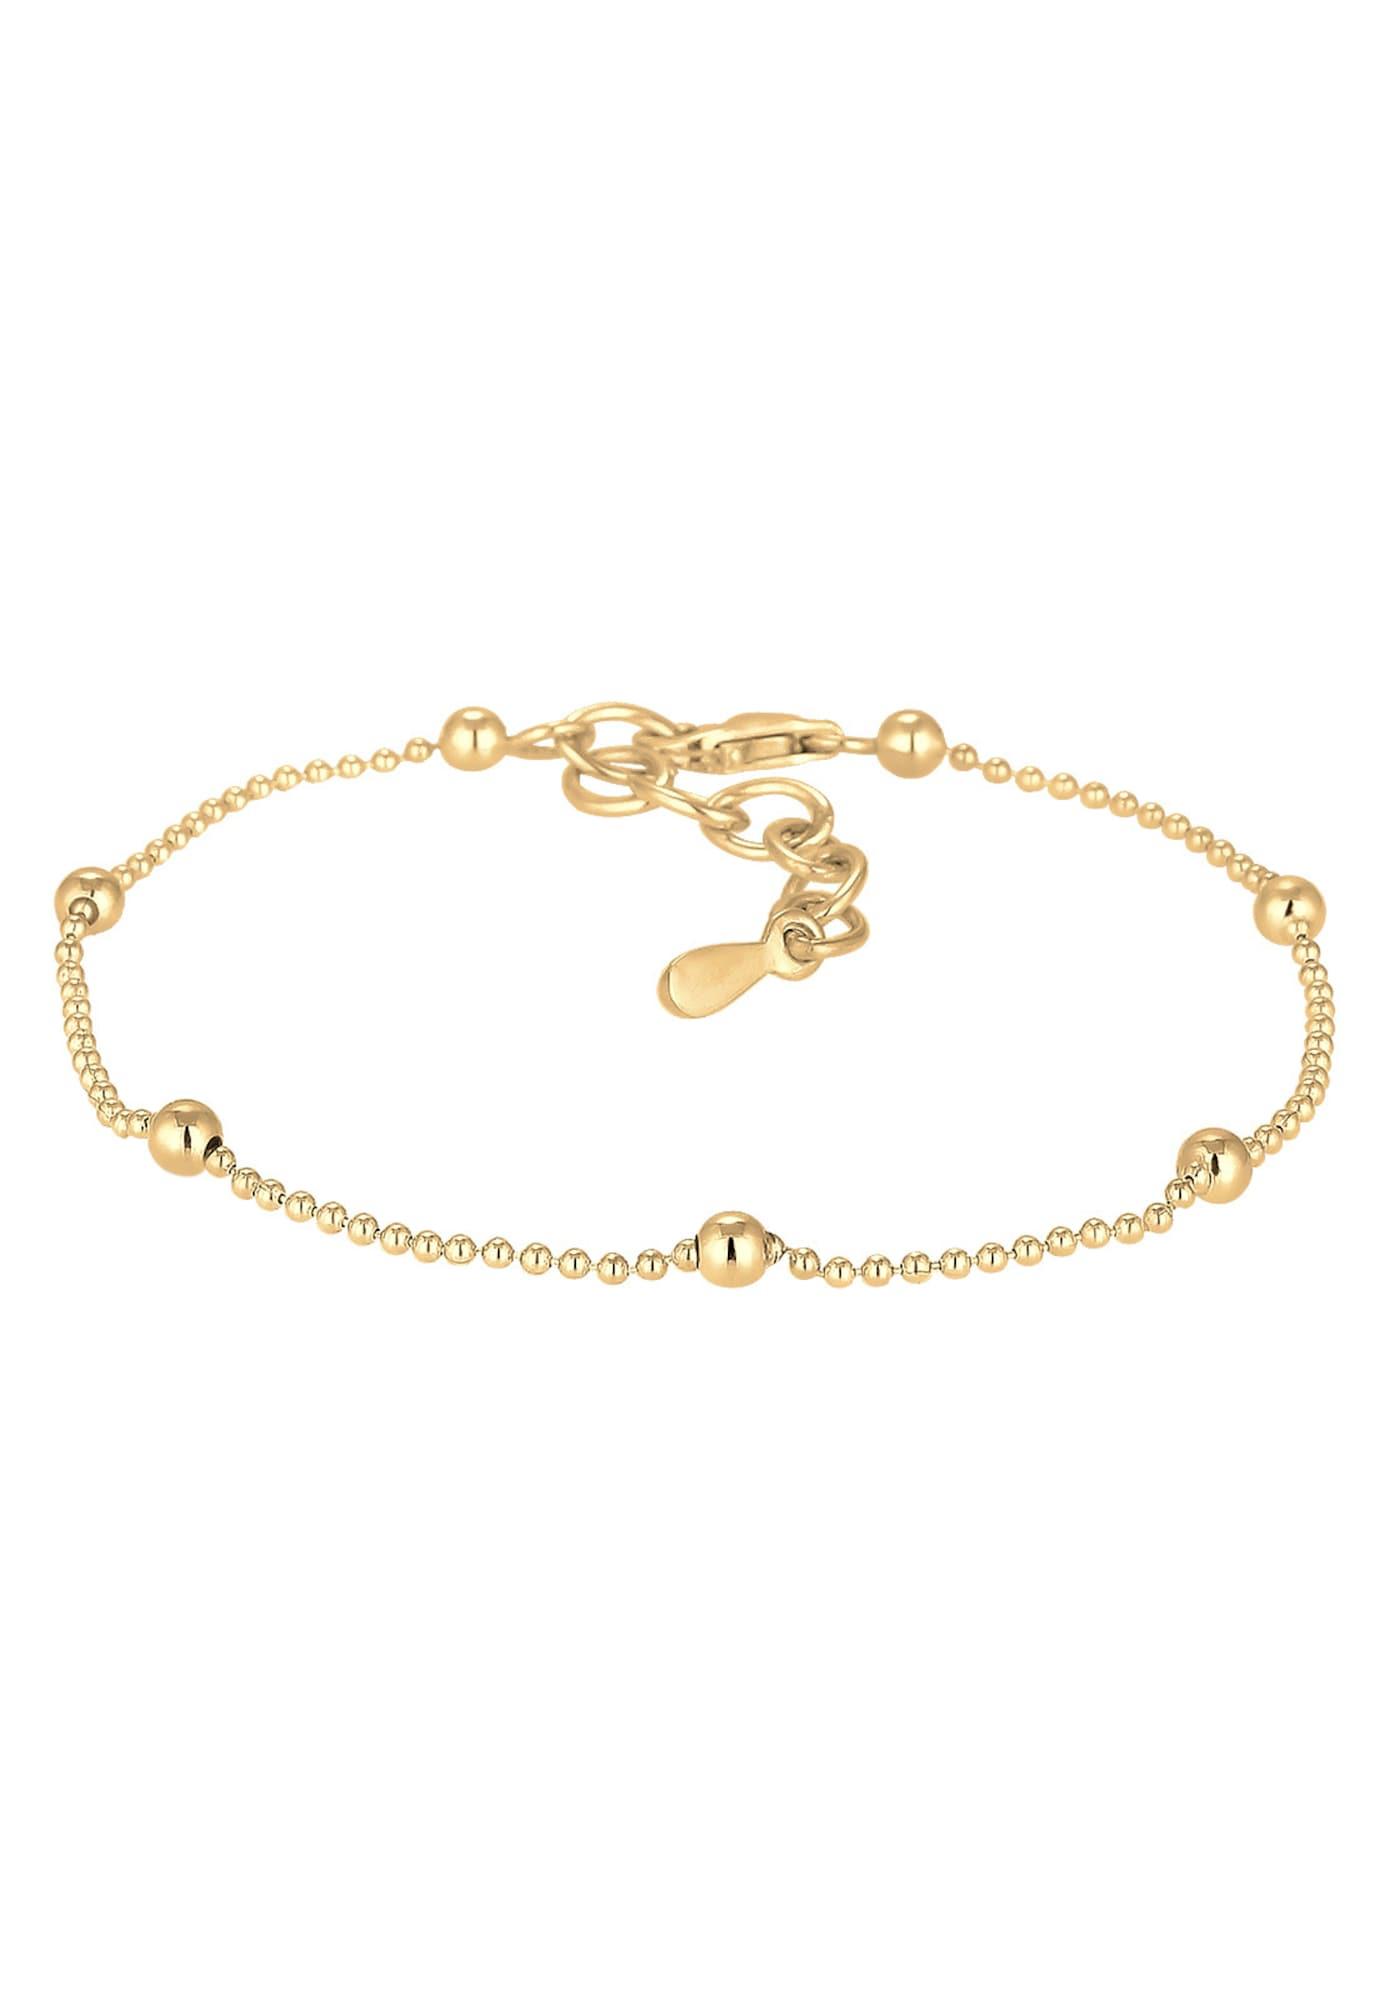 Armband | Schmuck > Armbänder > Sonstige Armbänder | ELLI